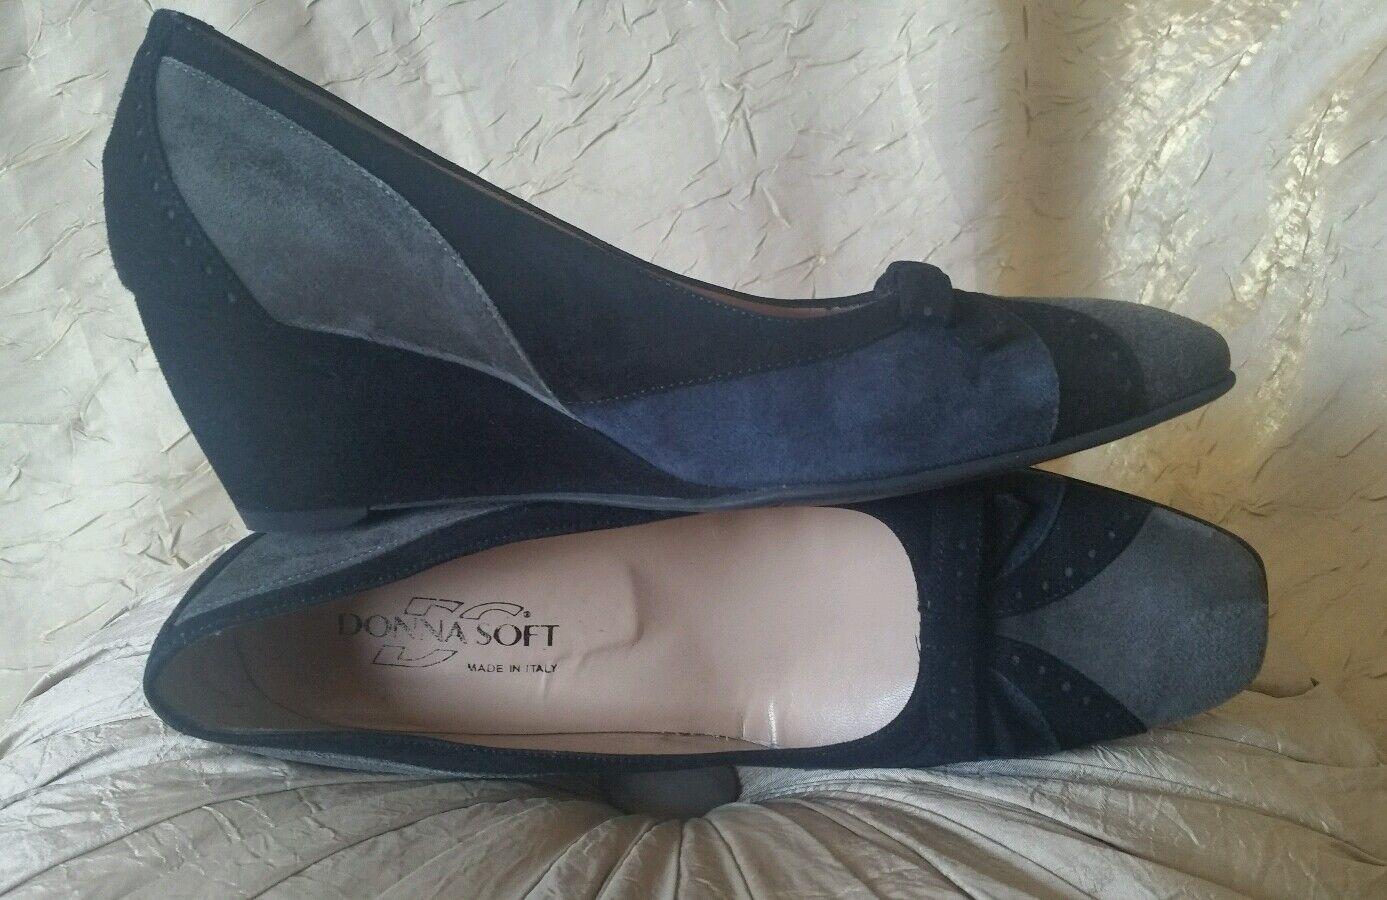 damen SOFT ITALY ITALY ITALY  270 NAVY Blau grau schwarz TRI-Farbe SUEDE WEDGES PUMPS 39 8.5 0f8be3